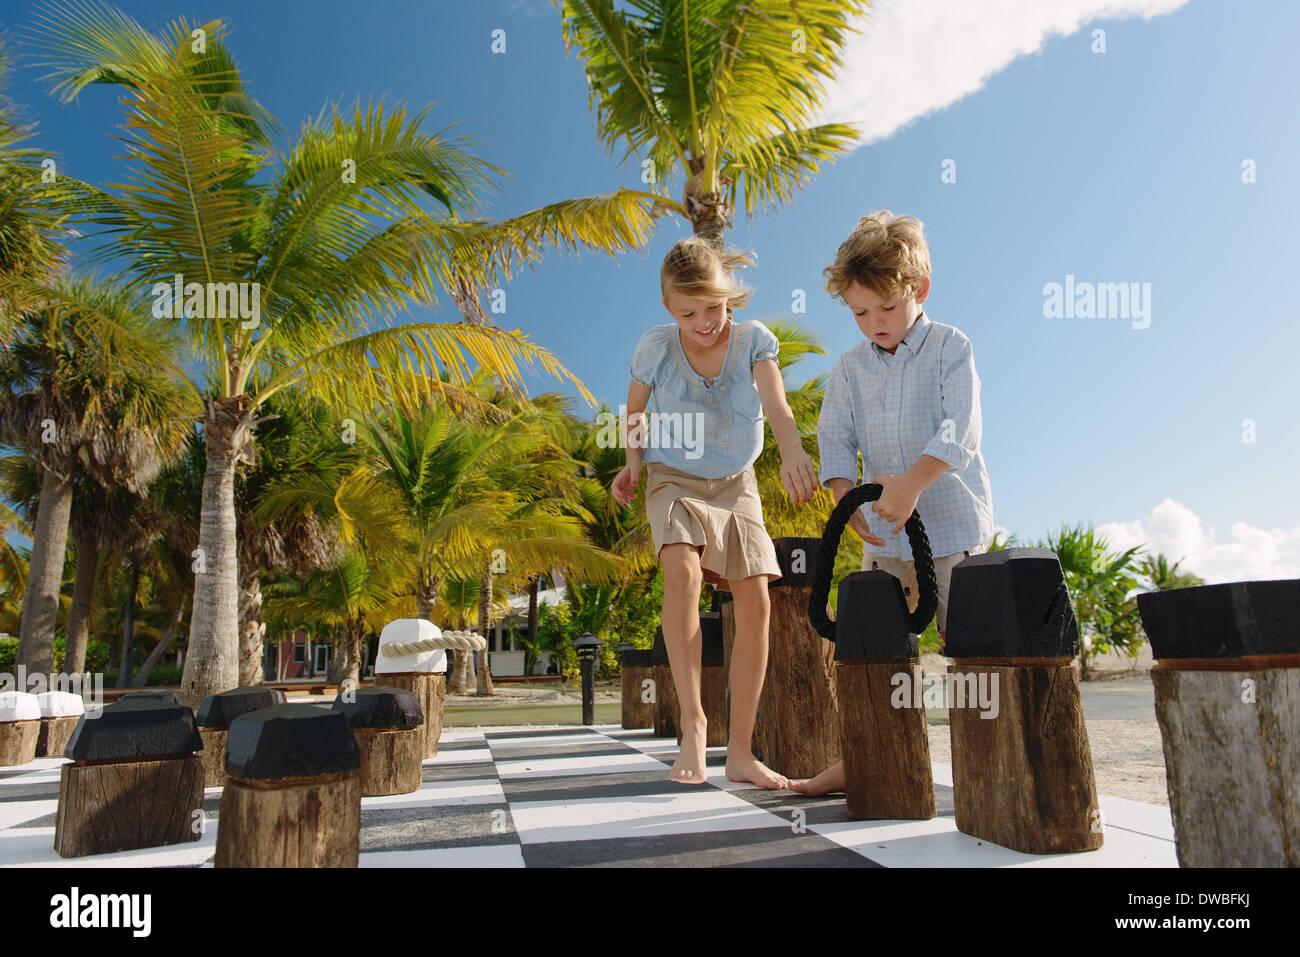 Frère et sœur jouant aux échecs géants, Providenciales, Turks and Caicos Islands, Caribbean Banque D'Images